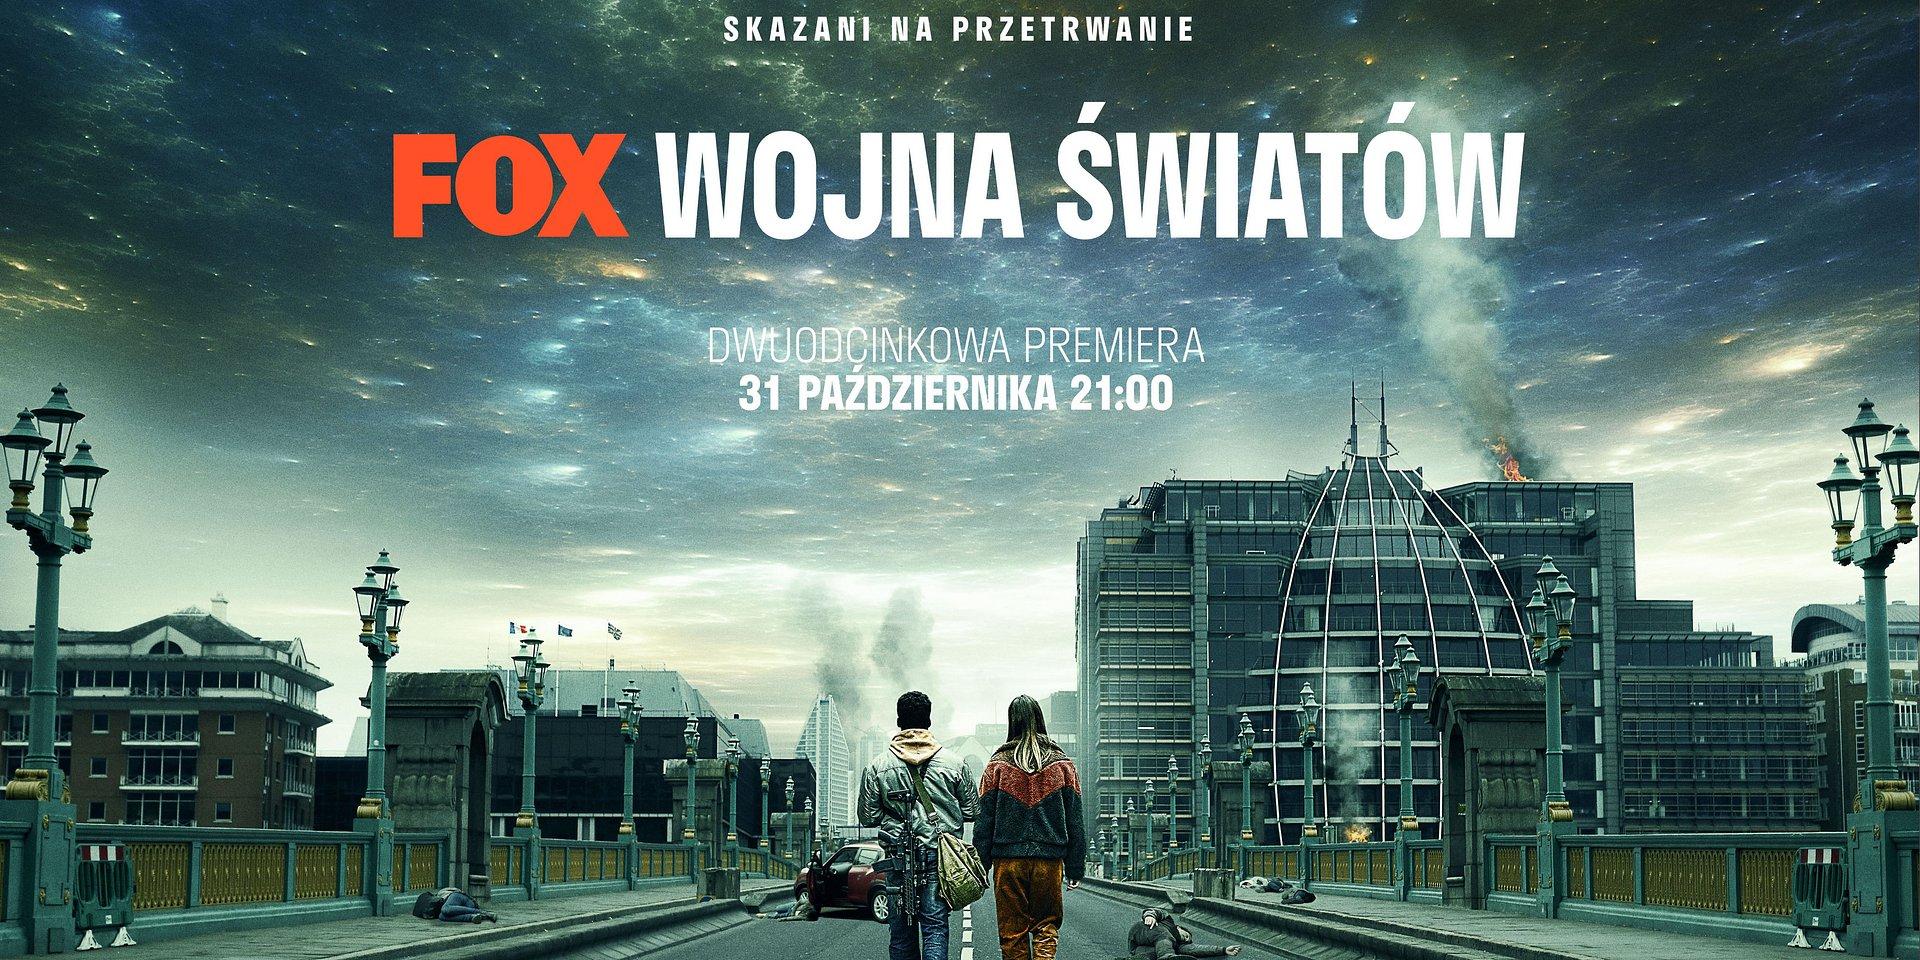 Serial WOJNA ŚWIATÓW zadebiutuje na antenie FOX już 31 października o 21:00!